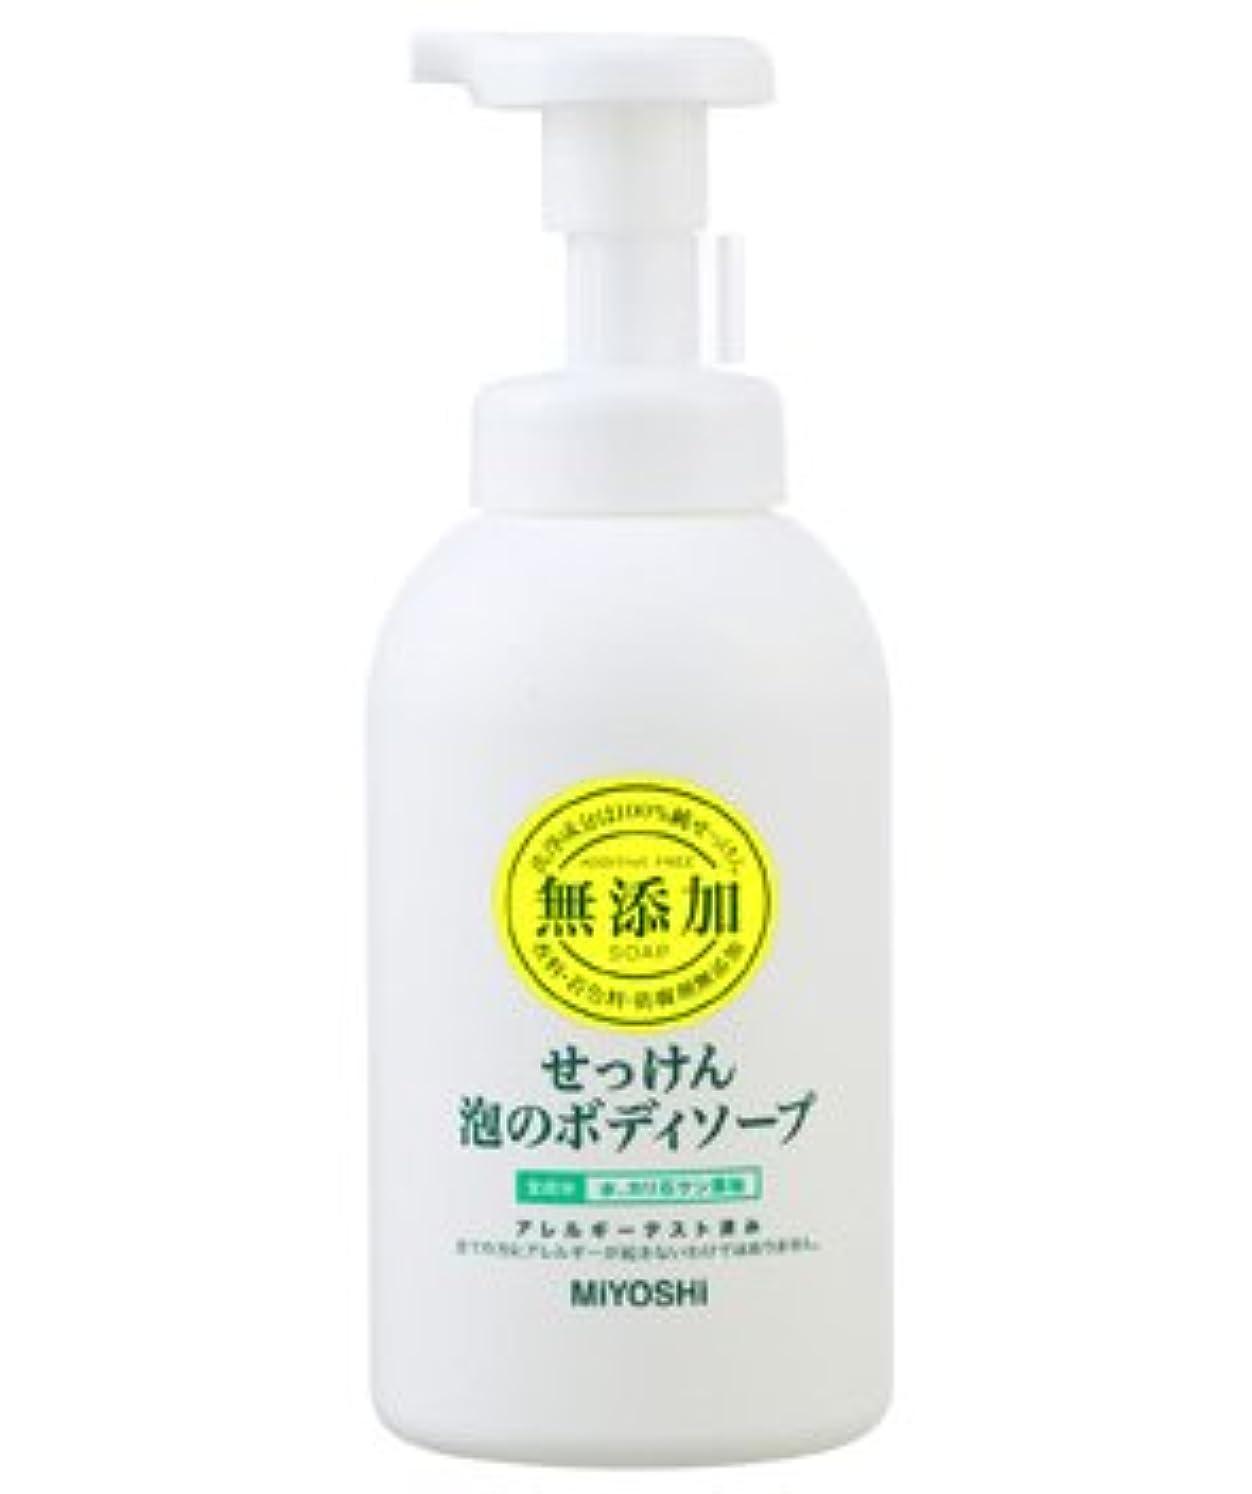 風邪をひくマニュアルバドミントンミヨシ石鹸 無添加 せっけん 泡のボディソープ 500ml(無添加石鹸)×15点セット (4537130101544)